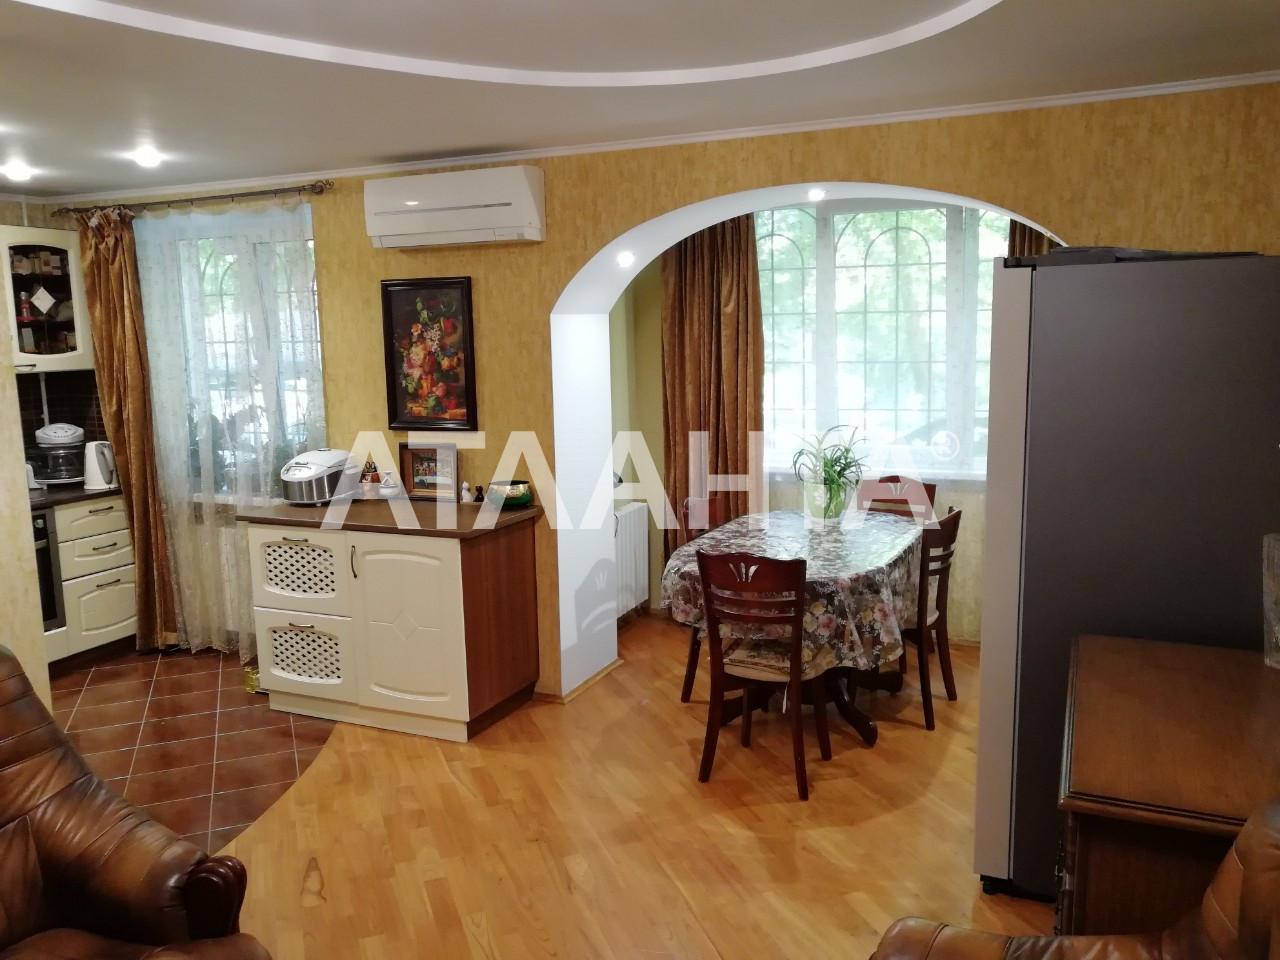 Продается 2-комнатная Квартира на ул. Героев Пограничников — 36 000 у.е. (фото №7)